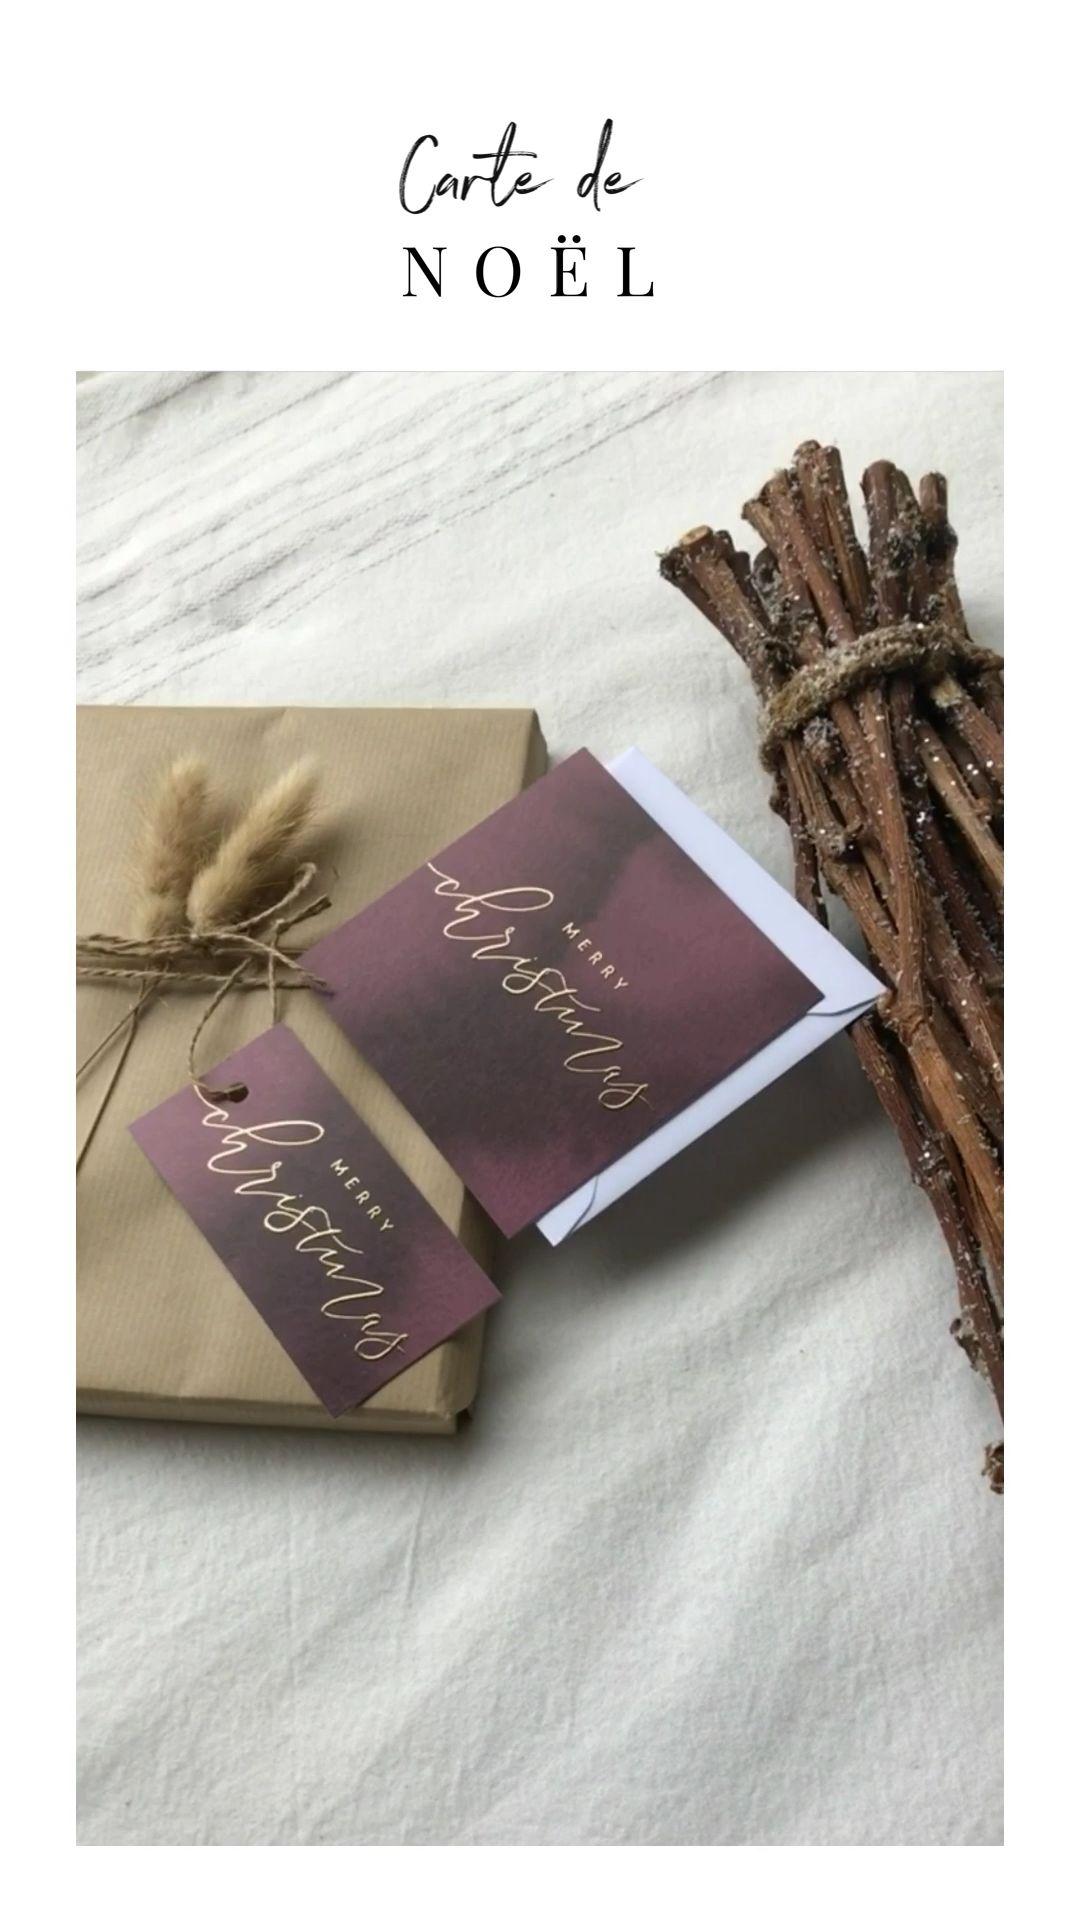 Découvrez nos cartes de Noël à glisser sous le sapin ⭐️🎄 #merrychristmas #joyeuxnoel #noel #noel2019 #christmas #cartedenoel #eucalyptus #christmascards #cards #christmas2019 #greetingcards #bonneannée #watercolor #watercolorarts #aquarelle #aquarellepainting